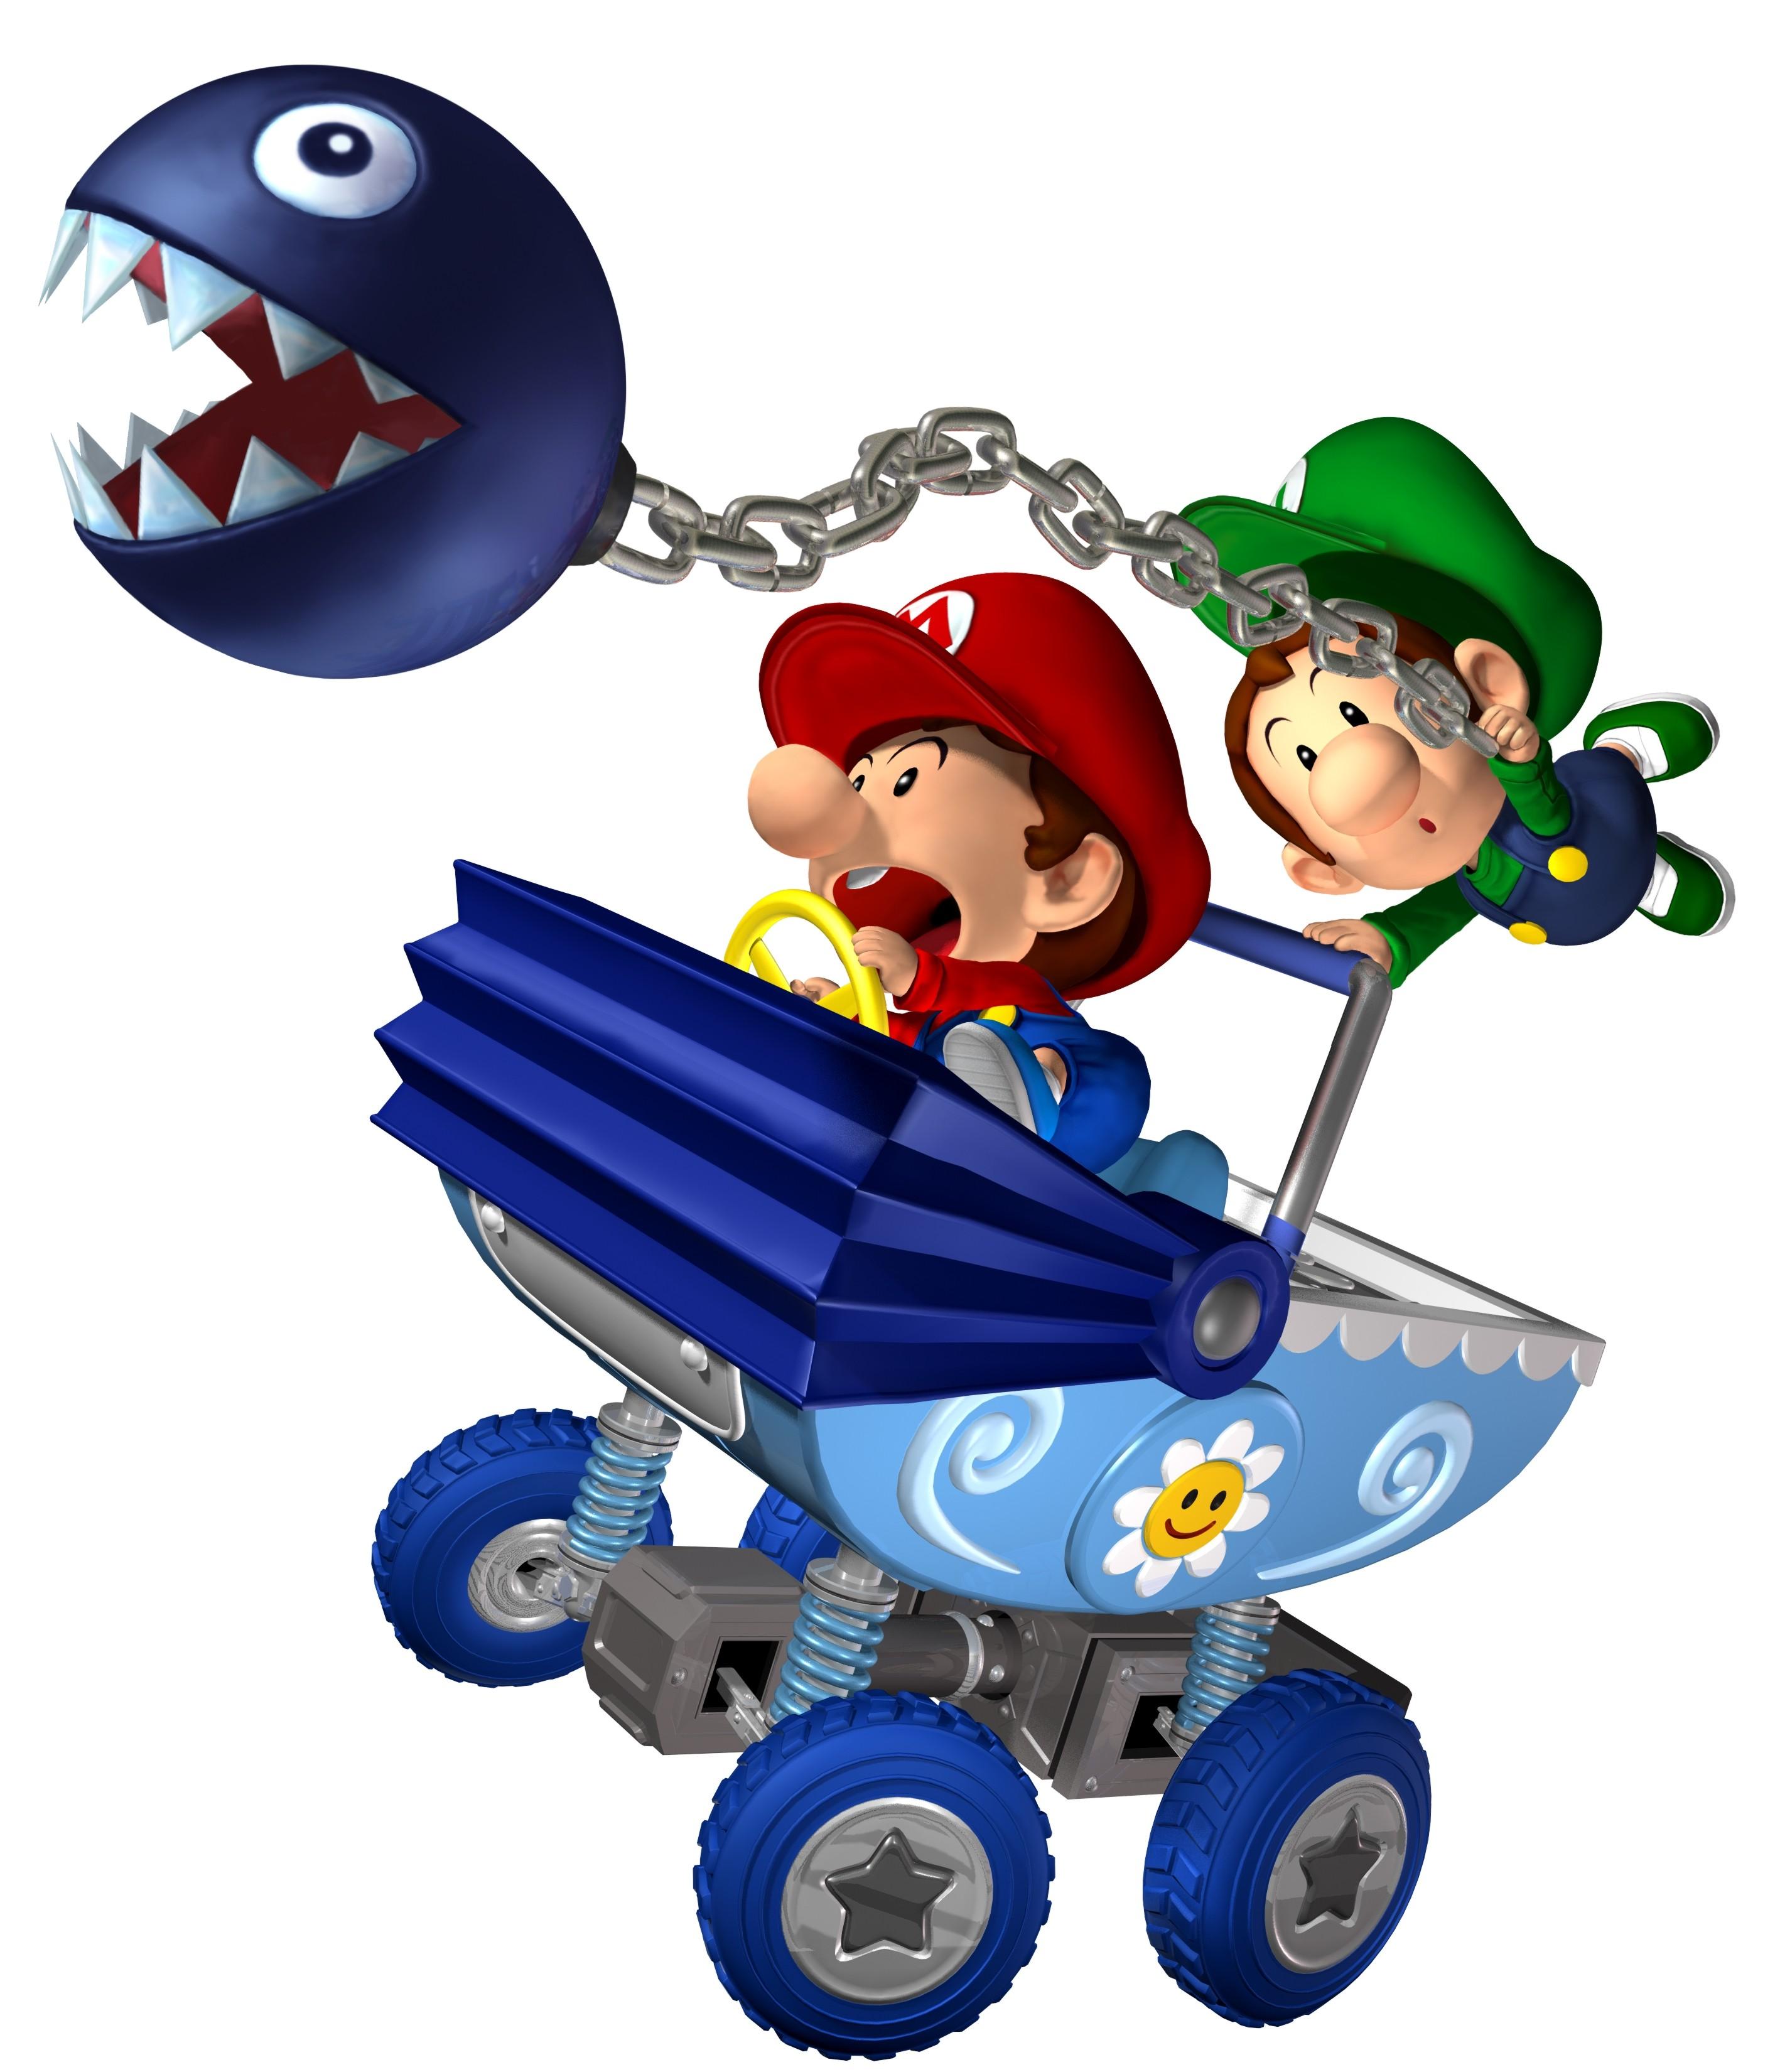 beb mario super mario wiki fandom powered by wikia - Bebe Mario